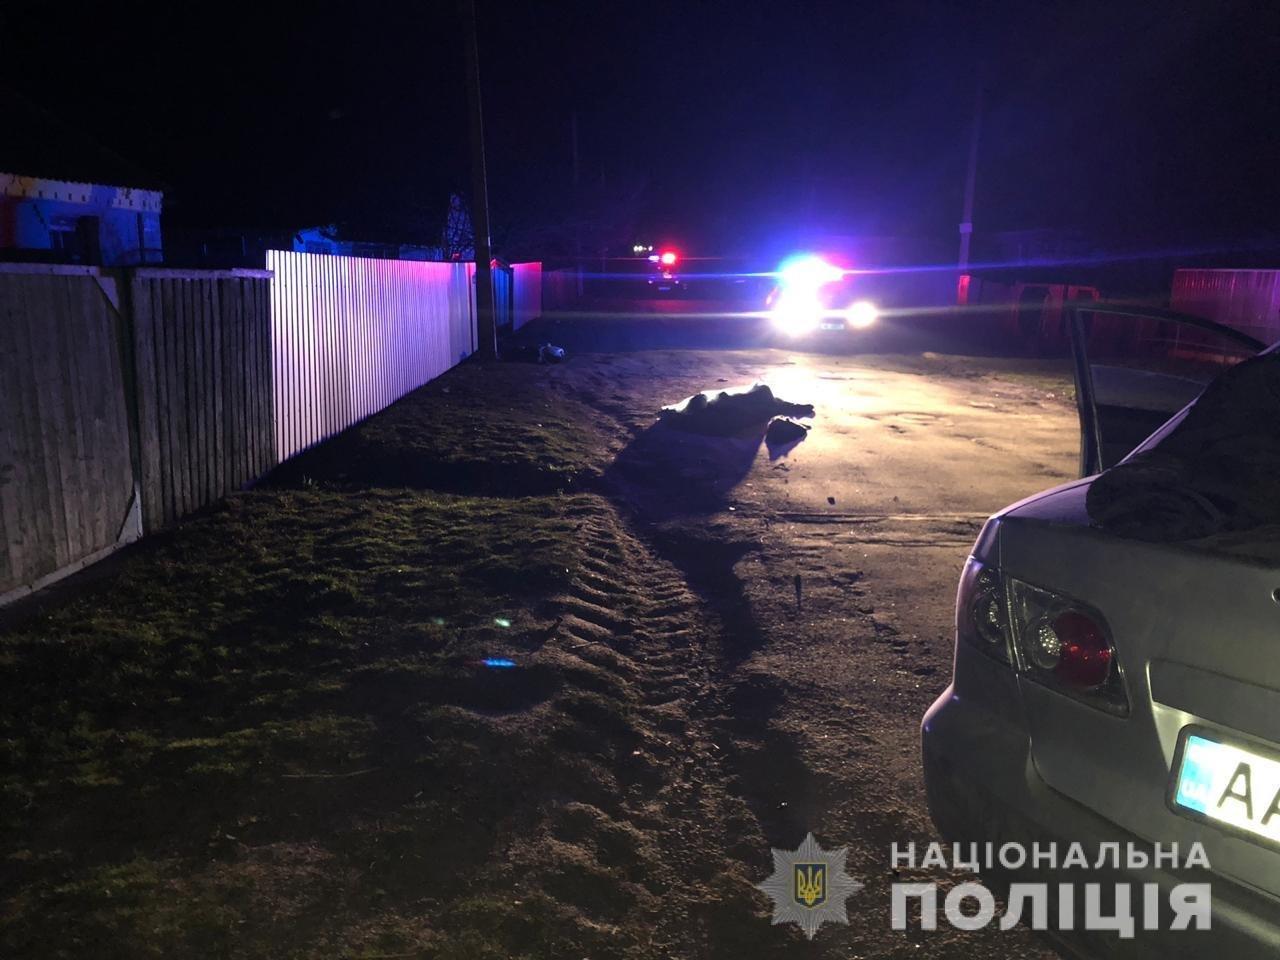 19-річного водія, який збив насмерть двох дівчат на Білоцерківщині, засудили до 10 років ув'язнення, фото-2